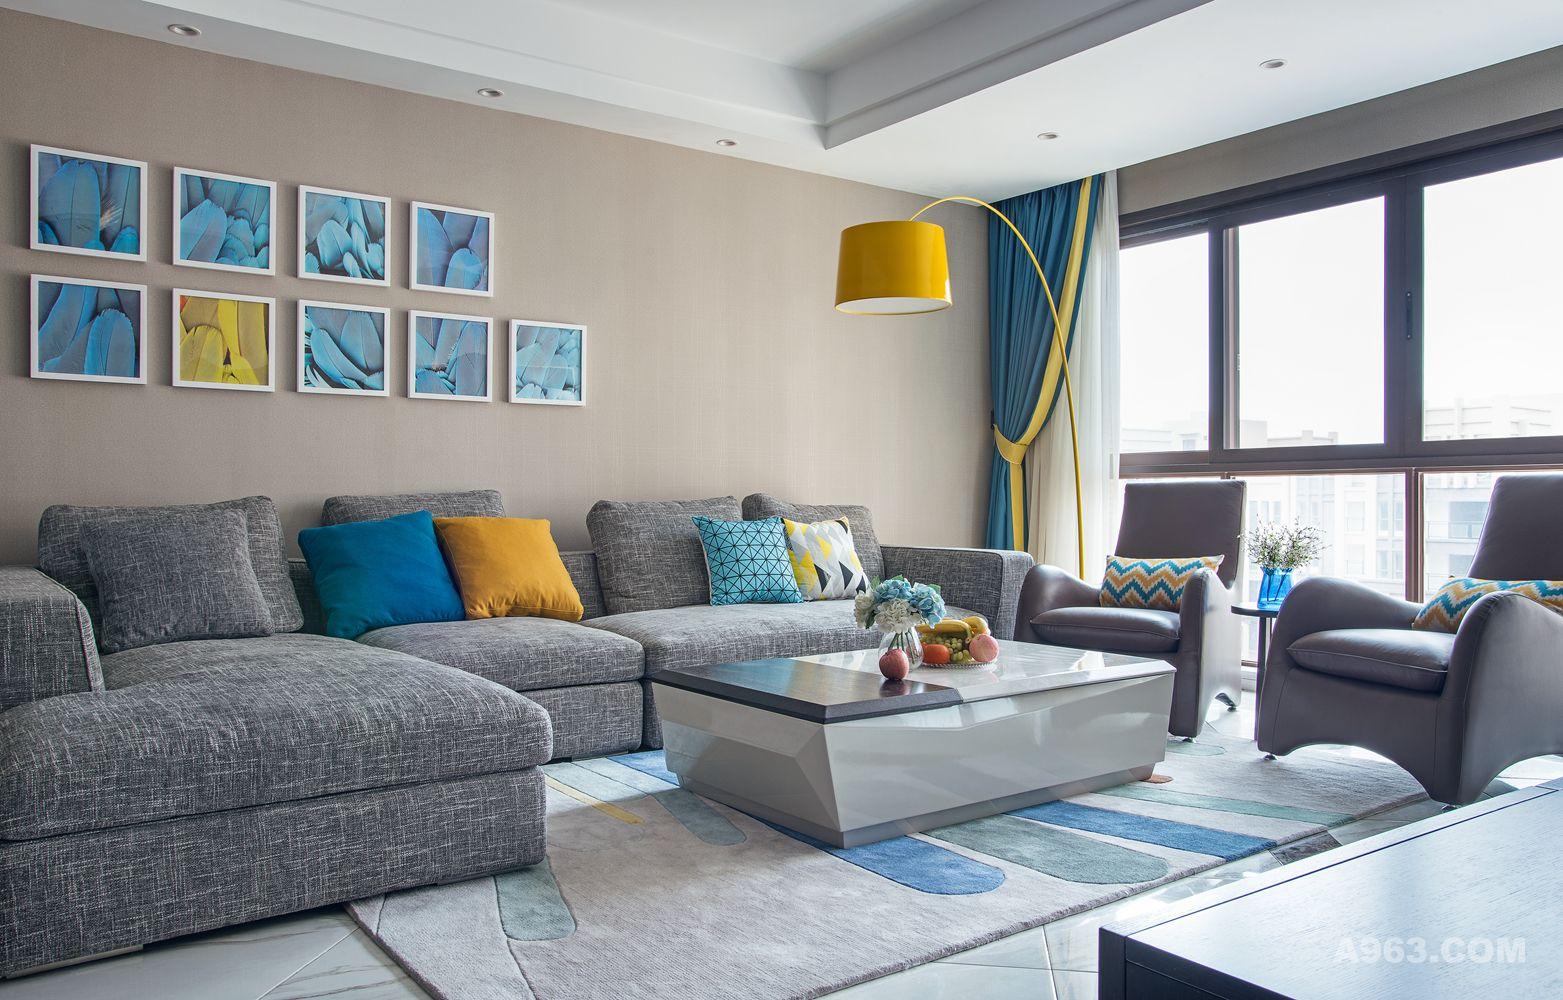 简洁自然的客厅以其灰色的格调显得尤为特别,地毯、窗帘等色彩呼应给整个空间加入跳跃的灵动感。电视墙一面并没有做过多的装饰,而是采用黑白的极简搭配,更添时尚感。